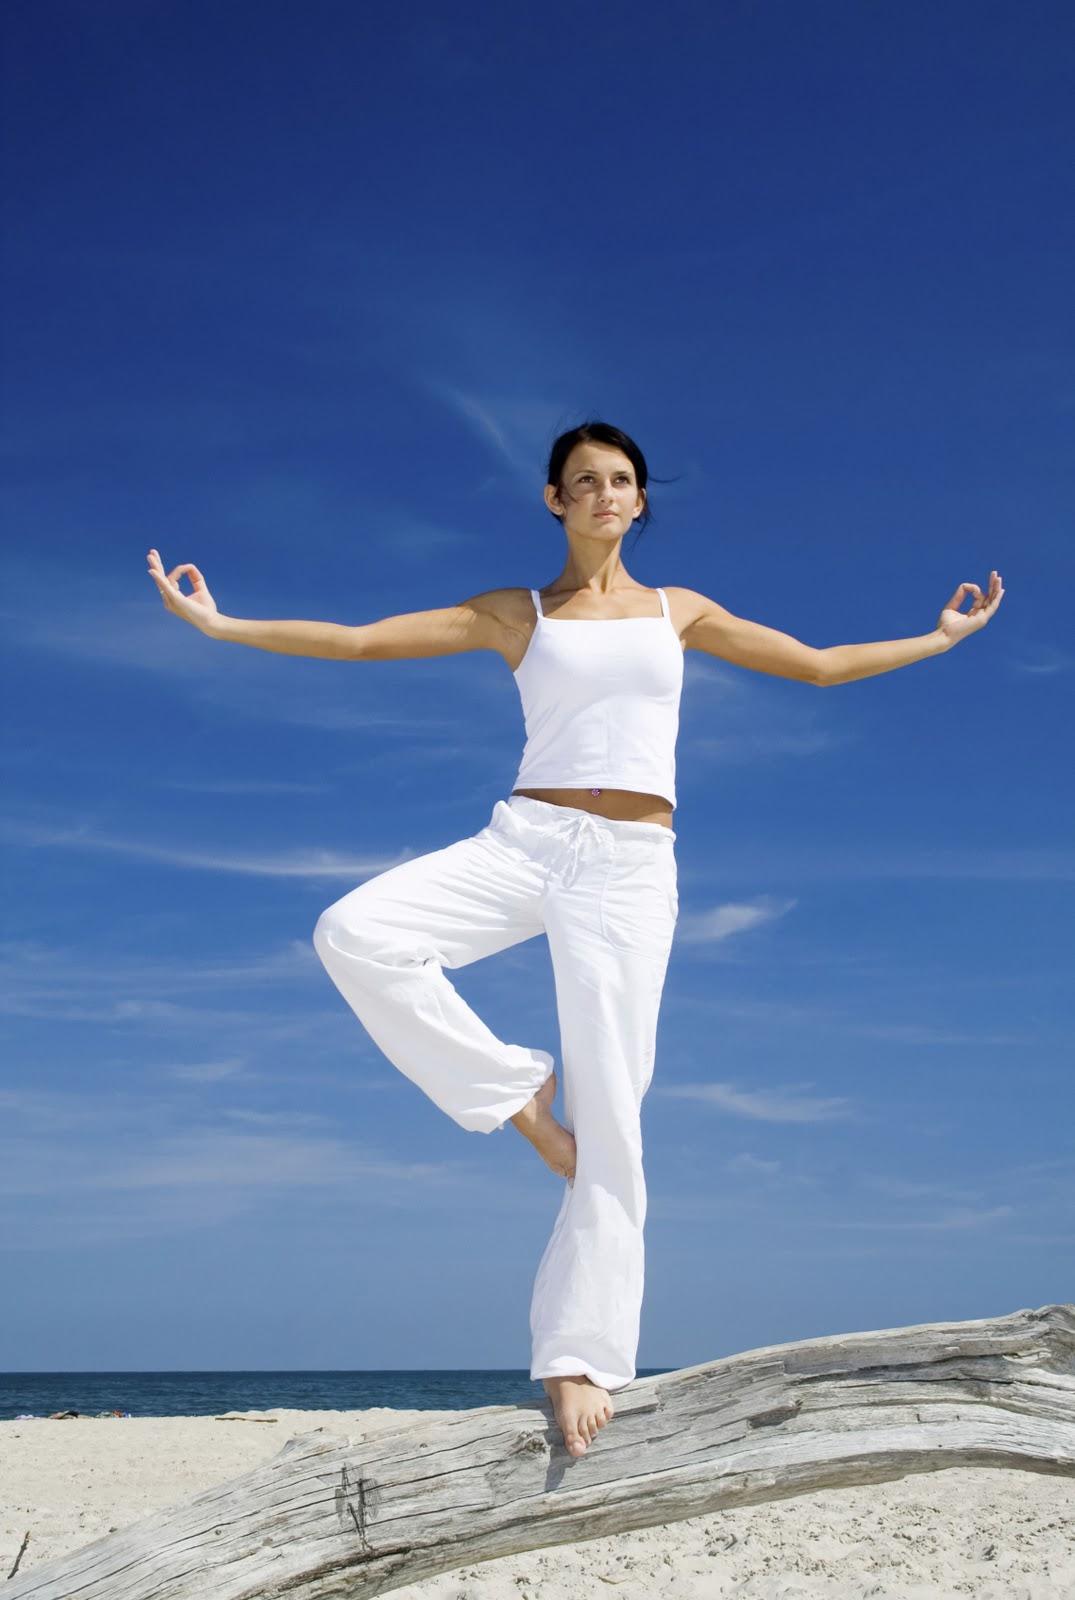 http://mygazeta.com/i/2011/03/hatha-yoga.jpg